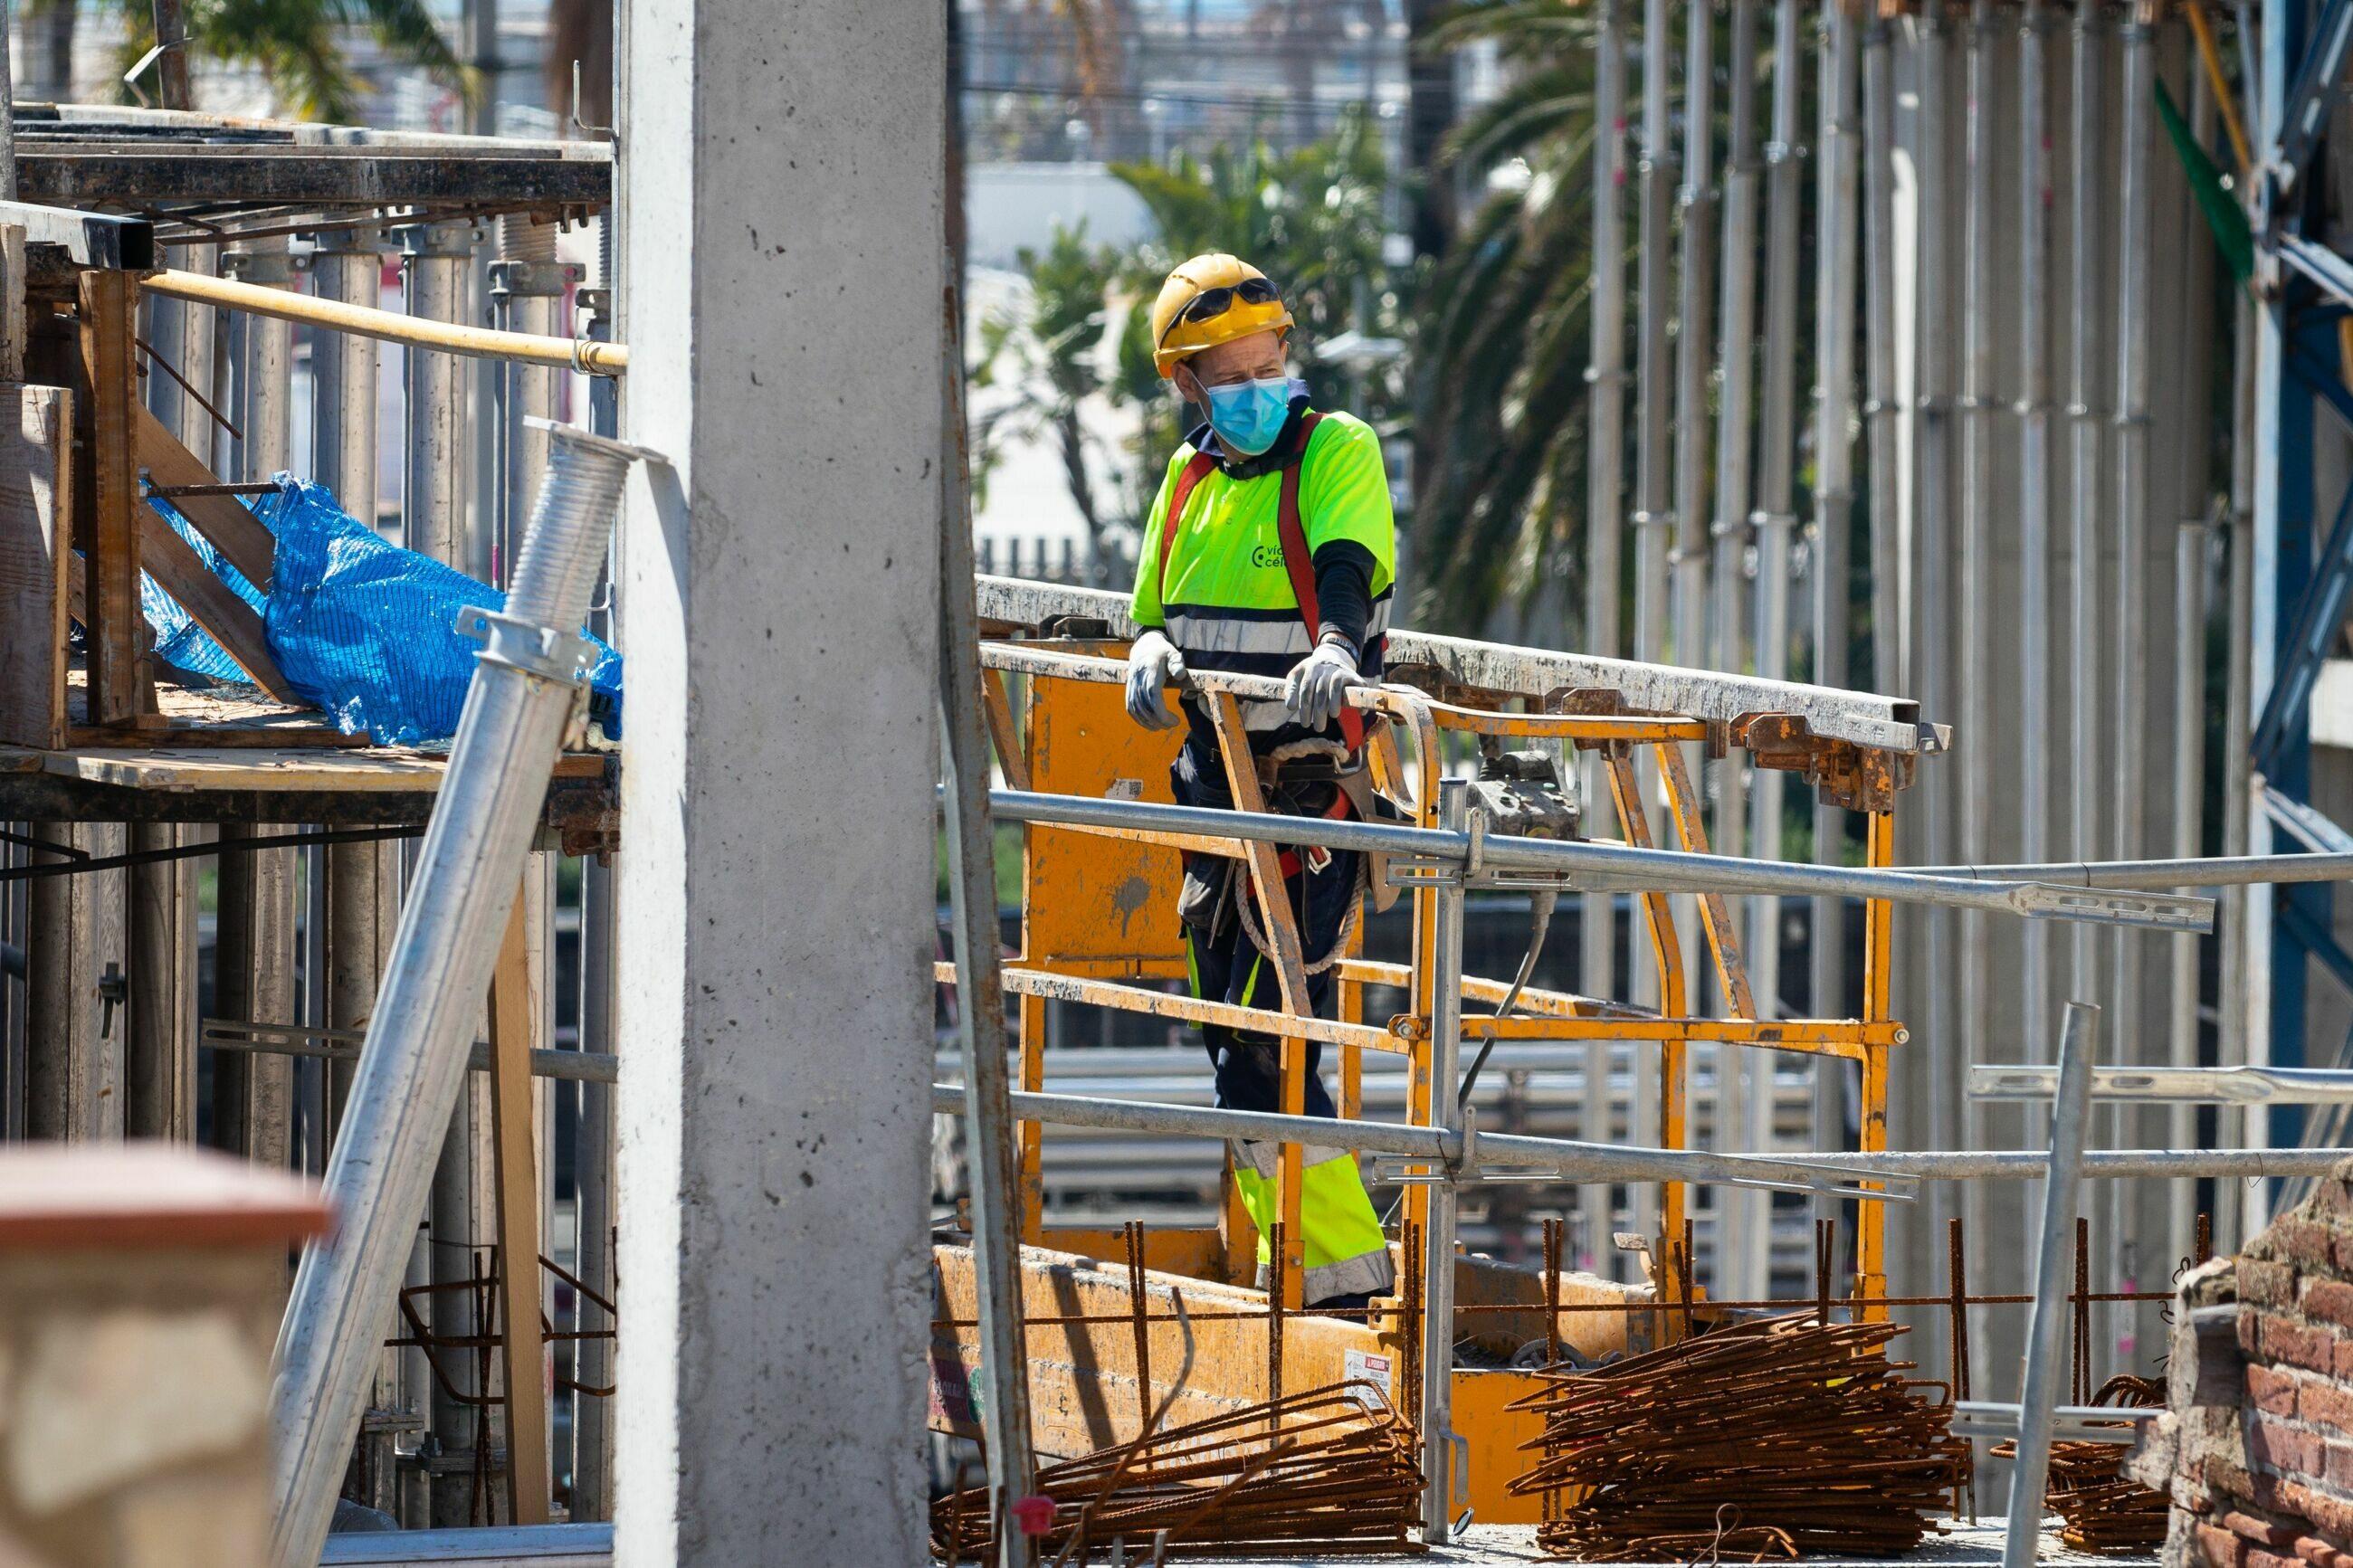 Praca na budowie, zdjęcie ilustracyjne